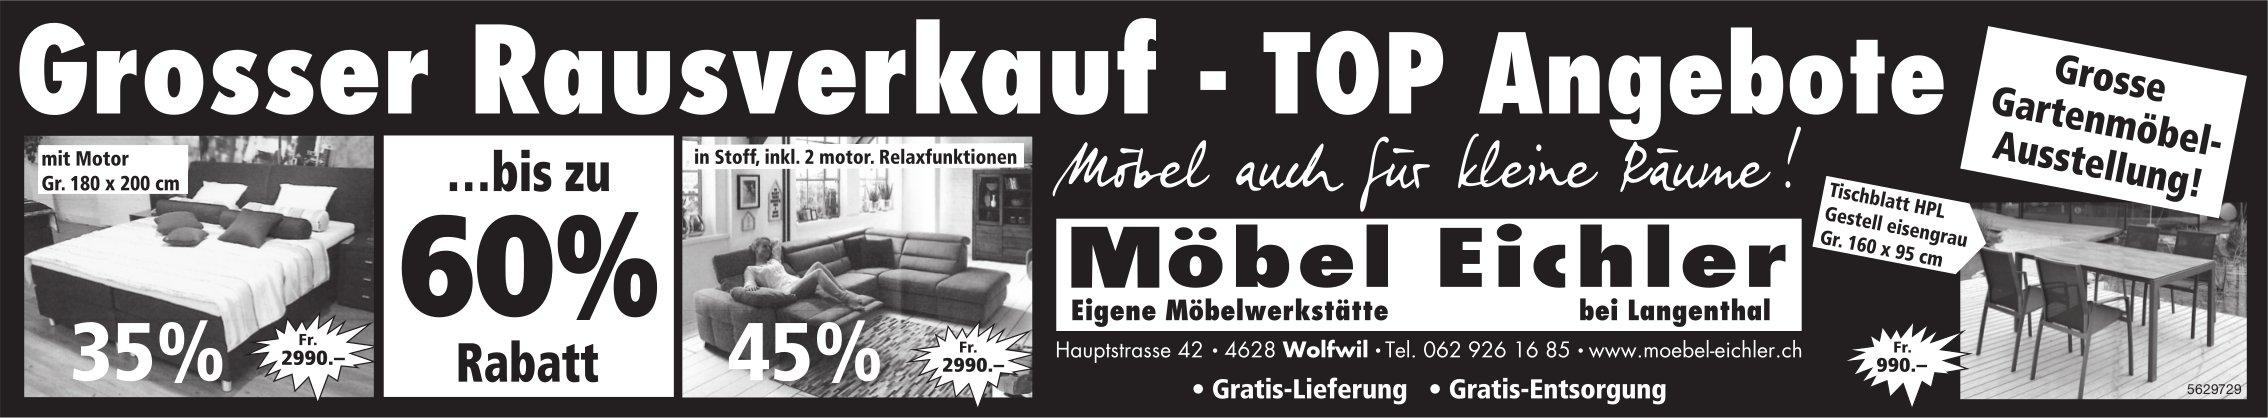 Grosser Rausverkauf, TOP Angebote, Möbel Eichler, Wolfwil